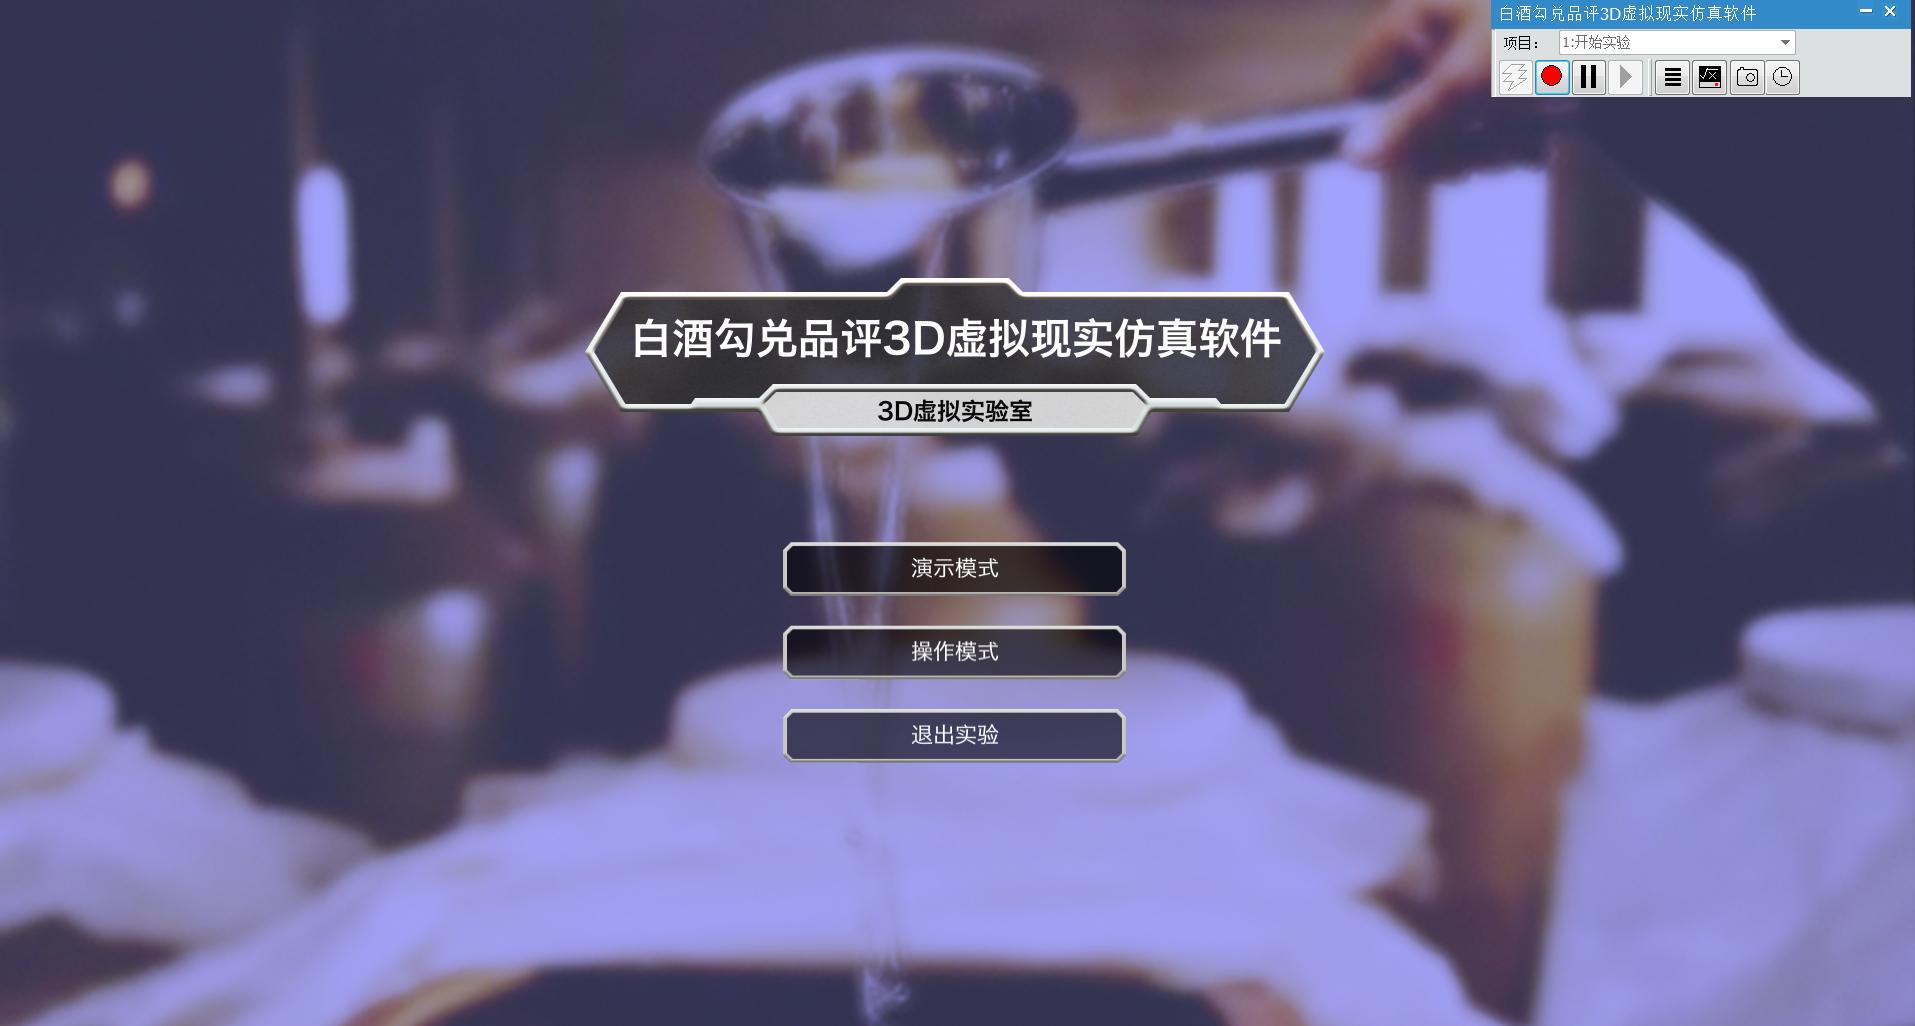 欧倍尔白酒勾兑品评3D虚拟现实仿真软件,和传统教学有什么区别?